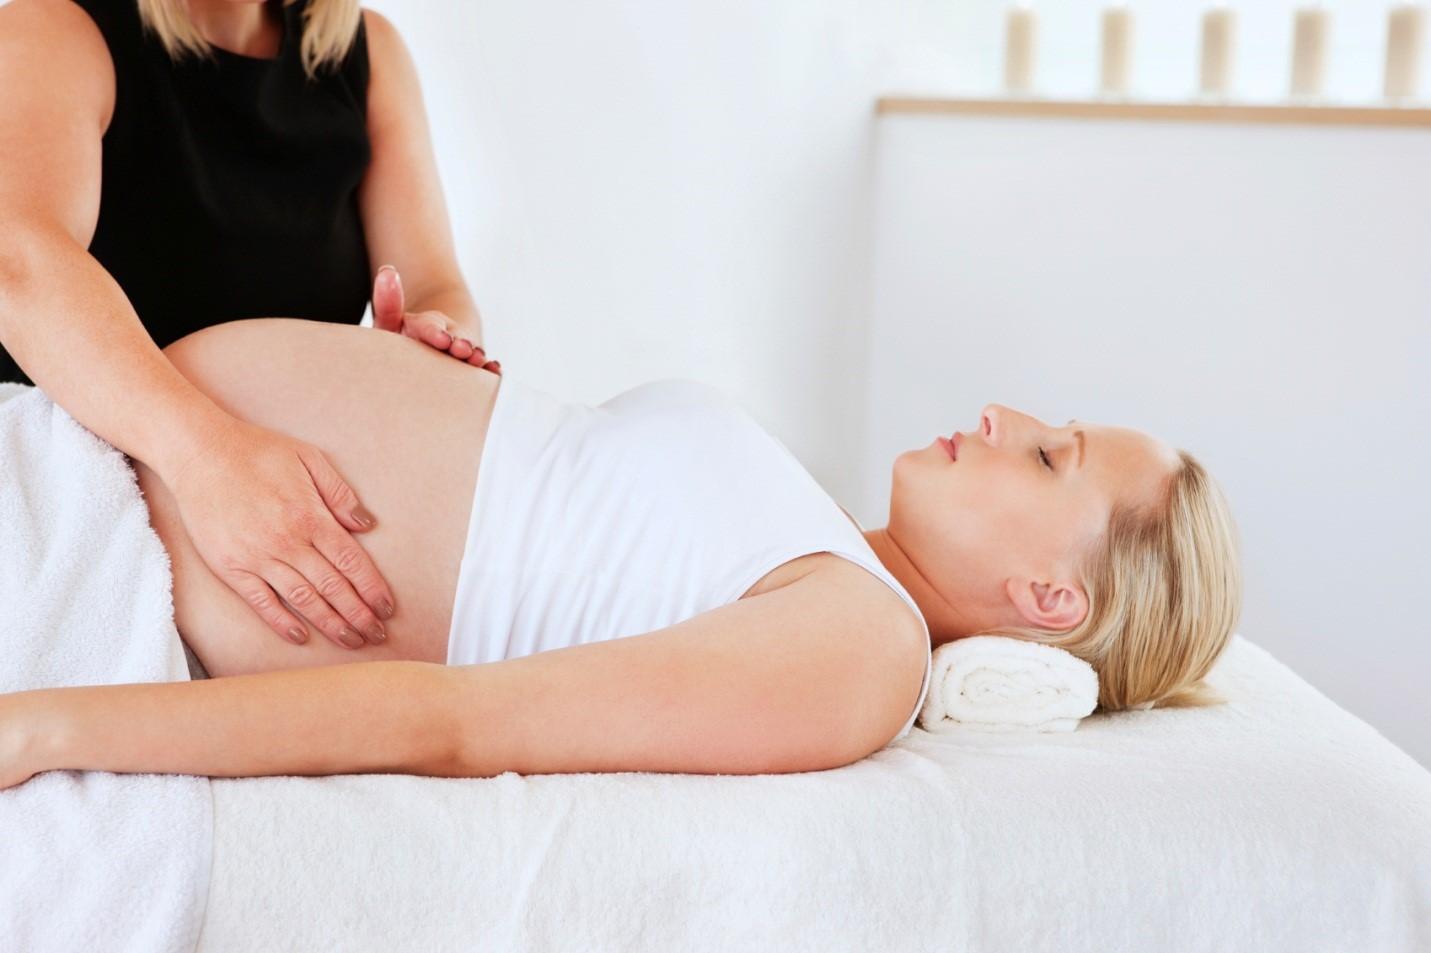 Massage cho bà bầu có thể giúp sinh dễ dàng